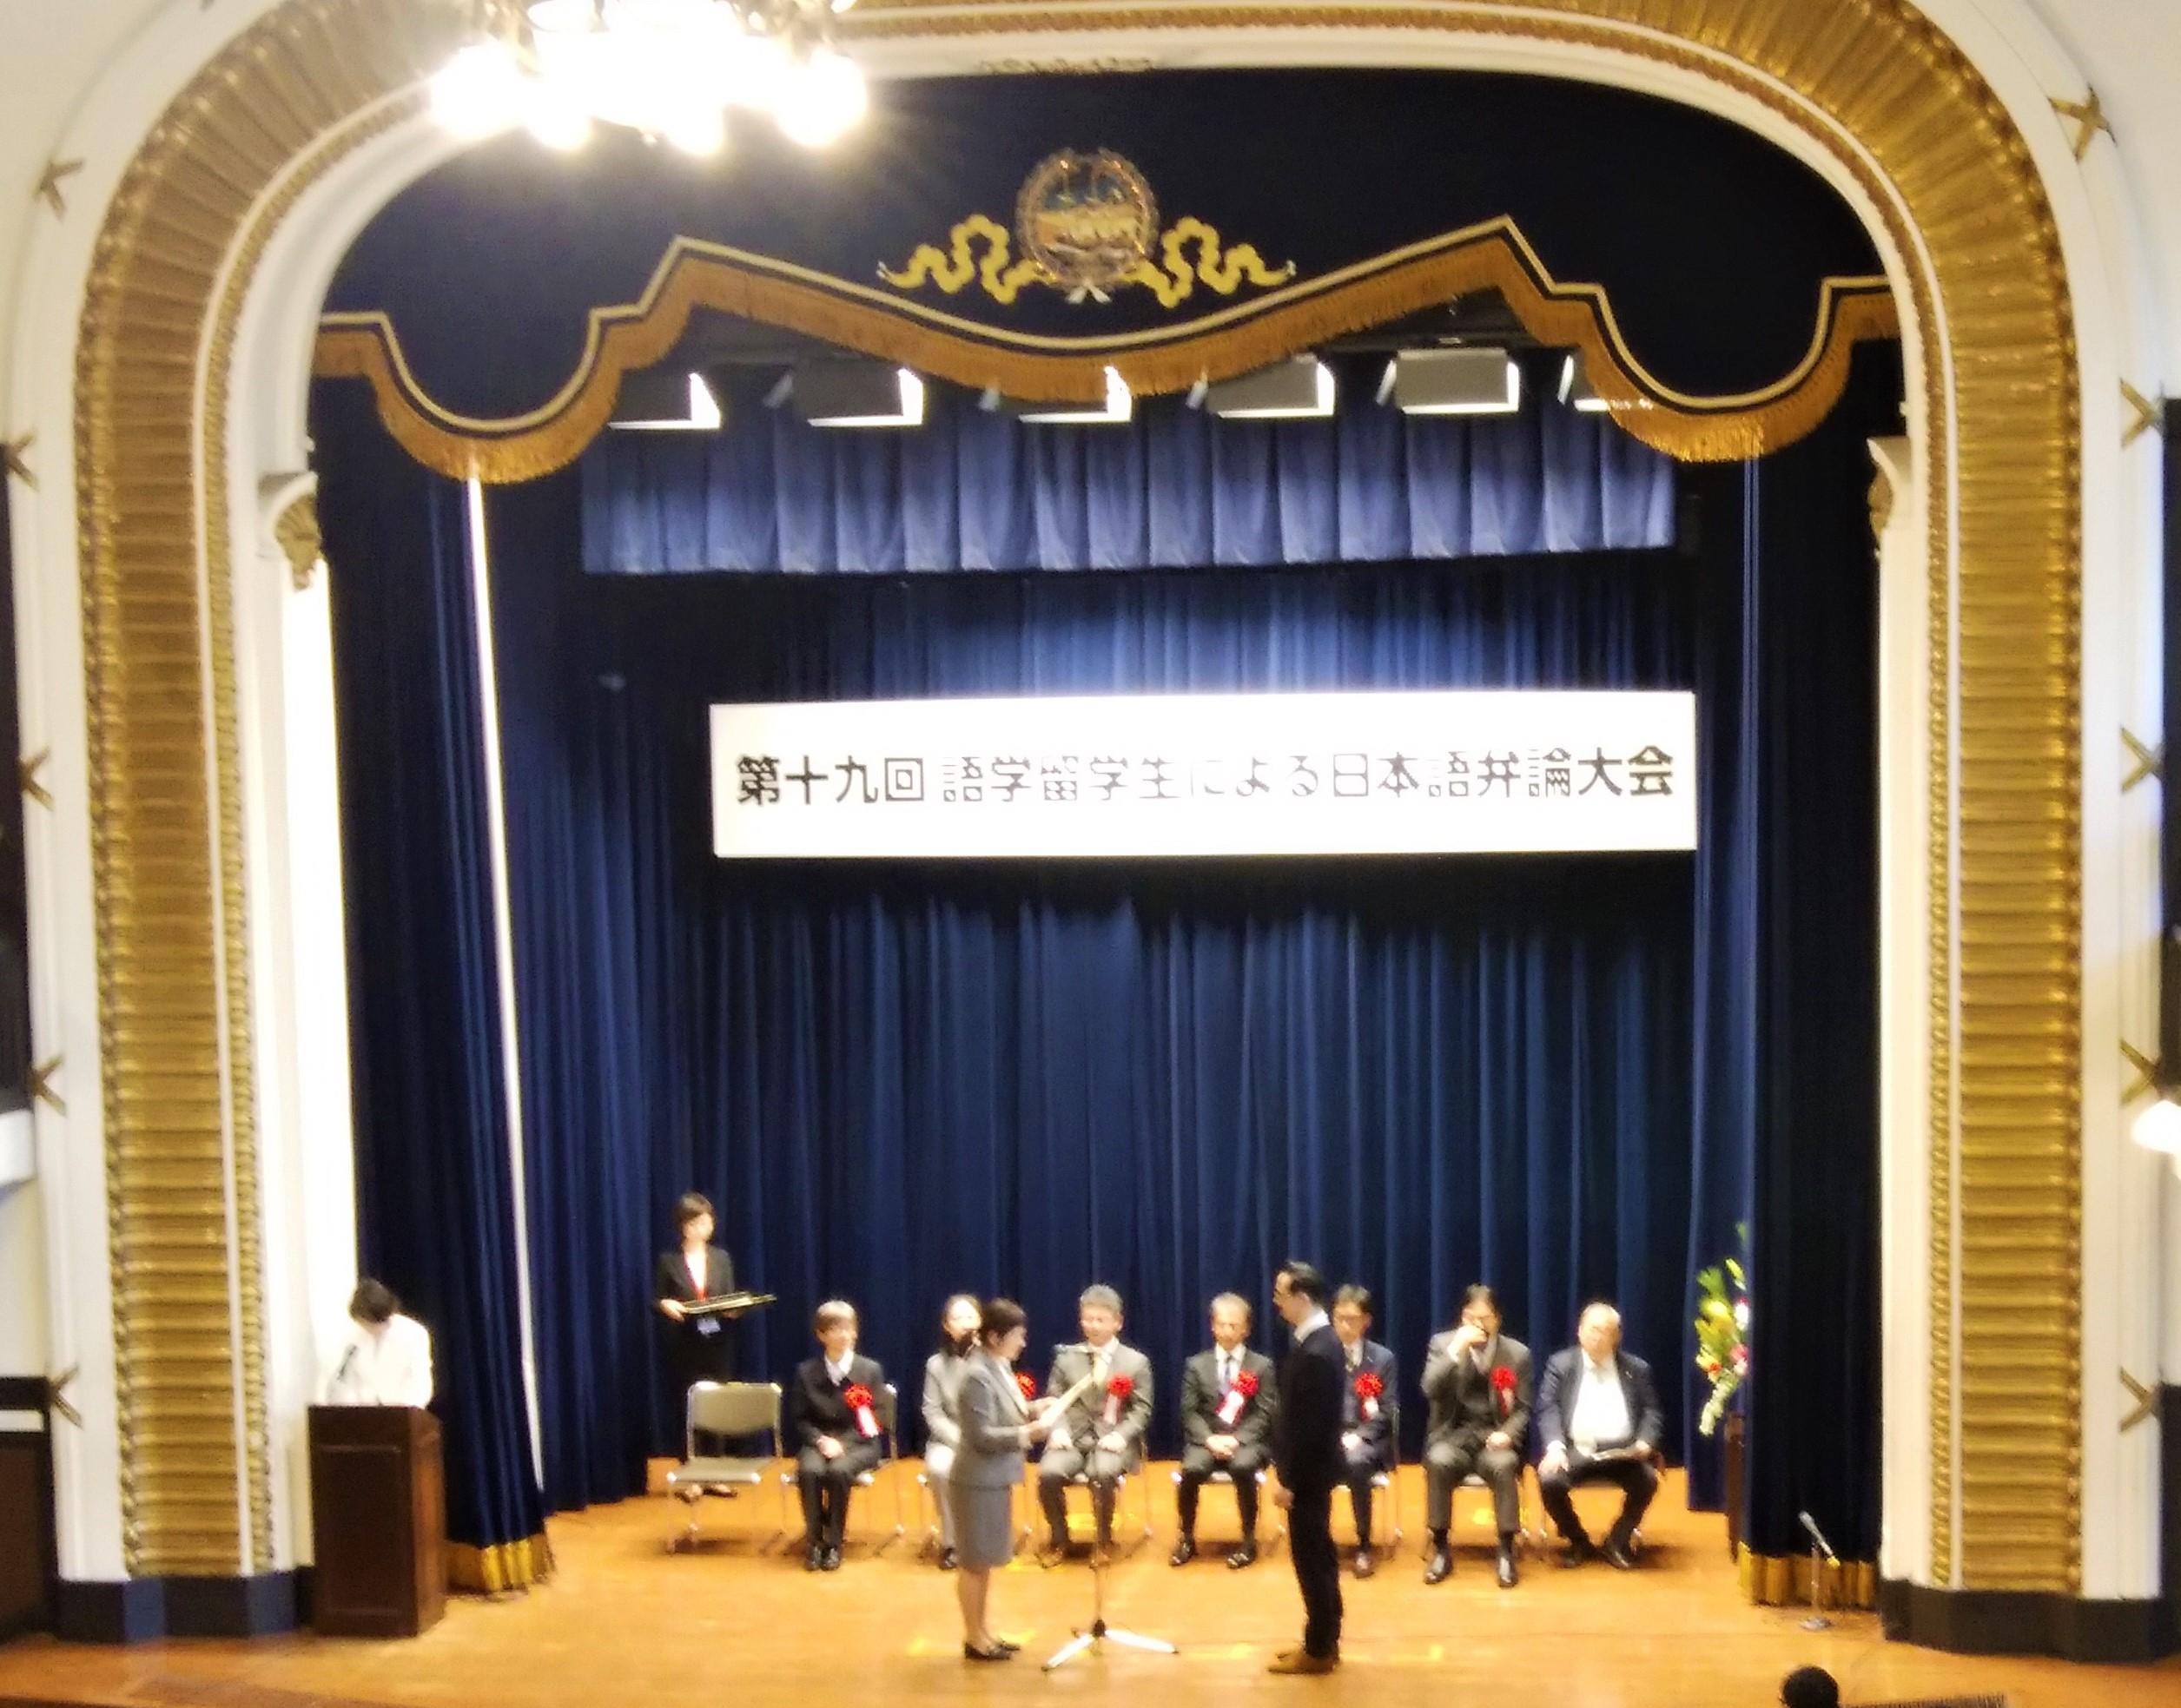 恭喜學生入選語言留學生日語講演比賽